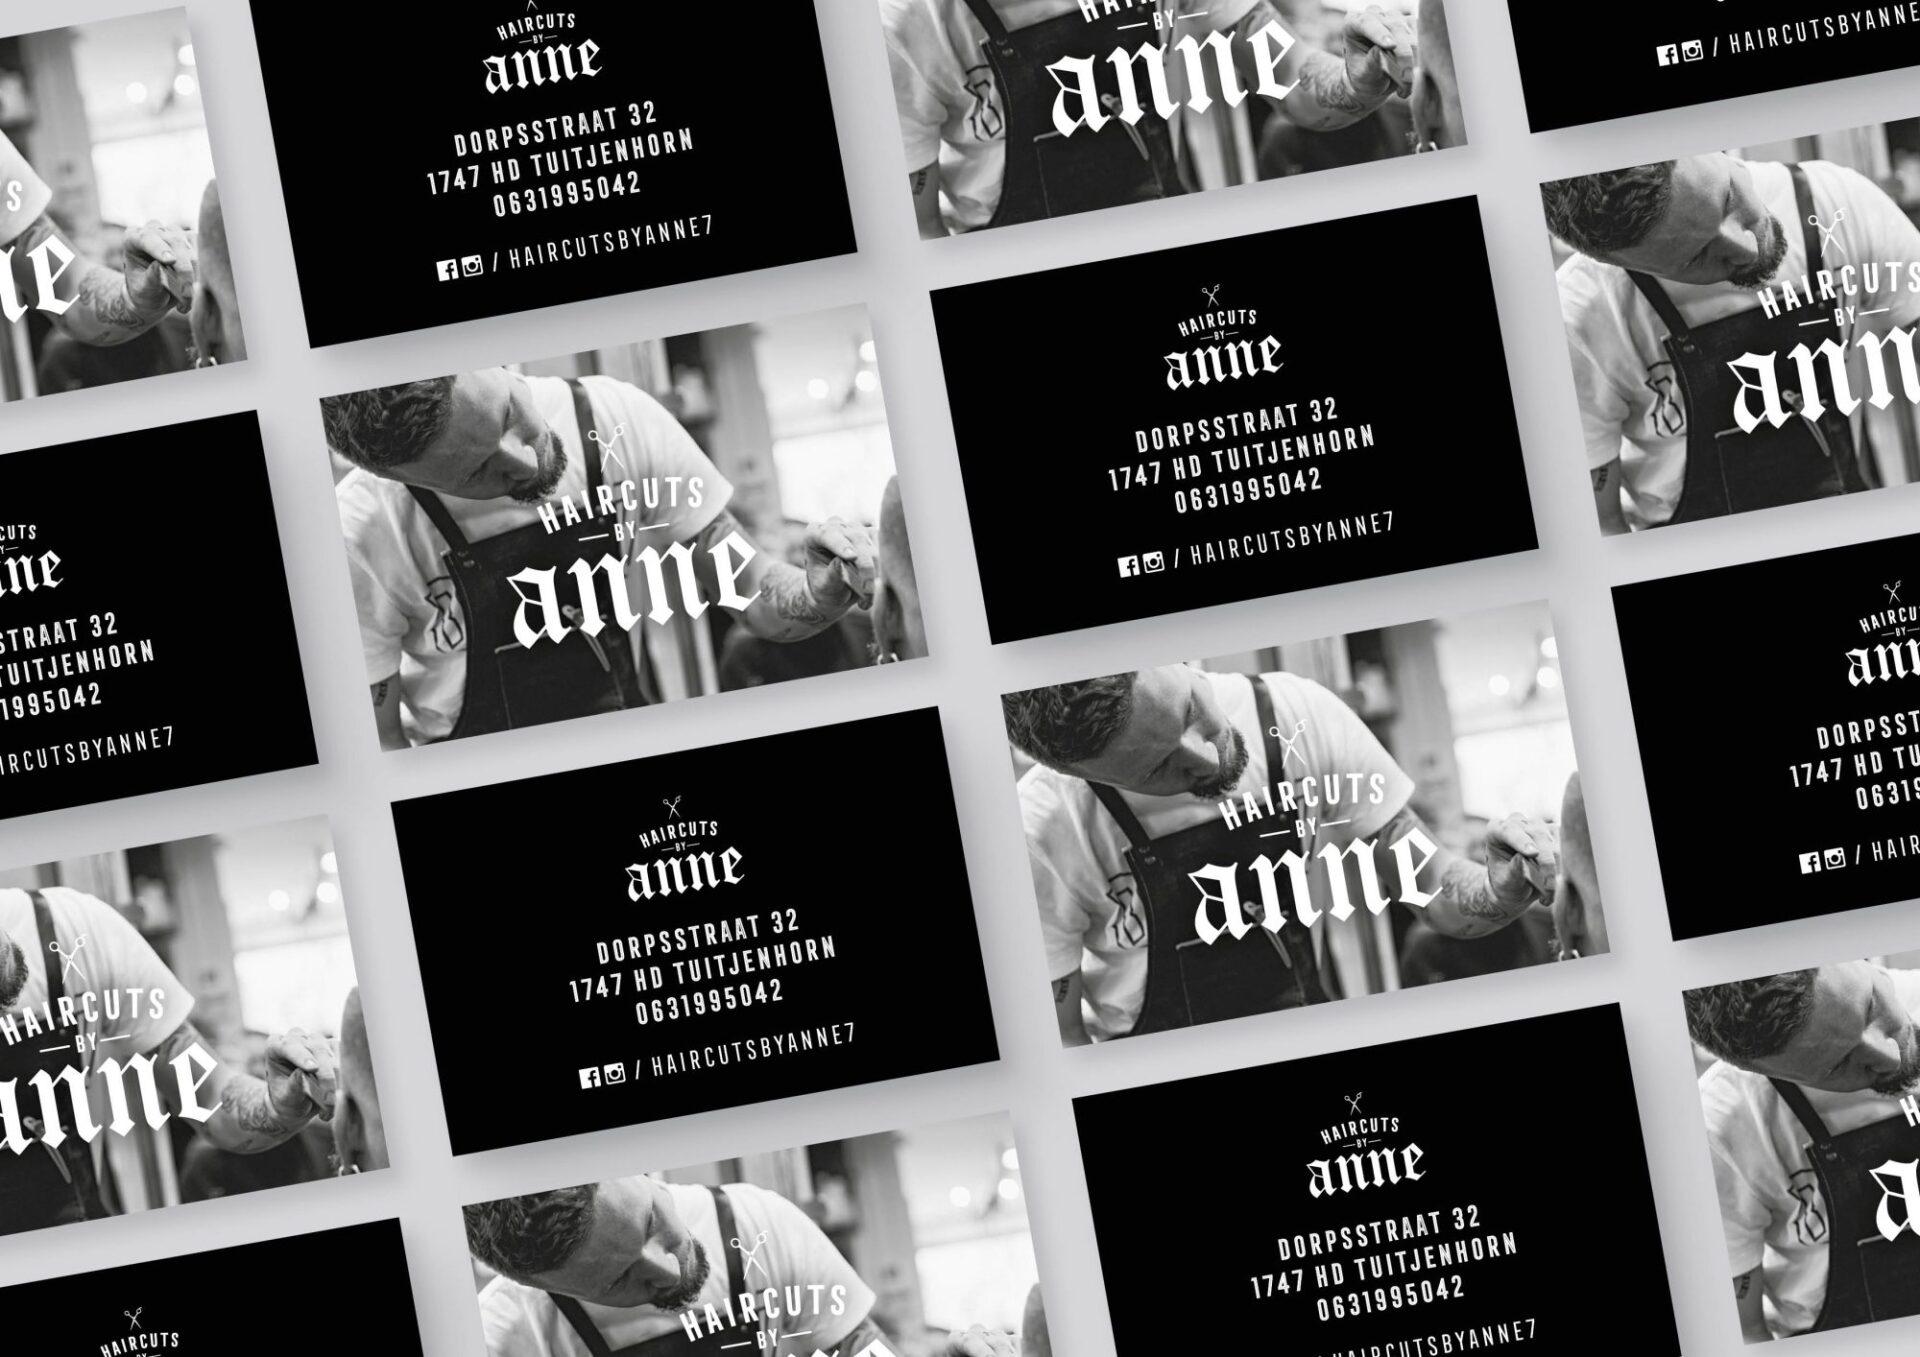 Visitekaartjes voor Anne Hink (Haircuts by Anne) gemaakt door Sjoerd van Schagen